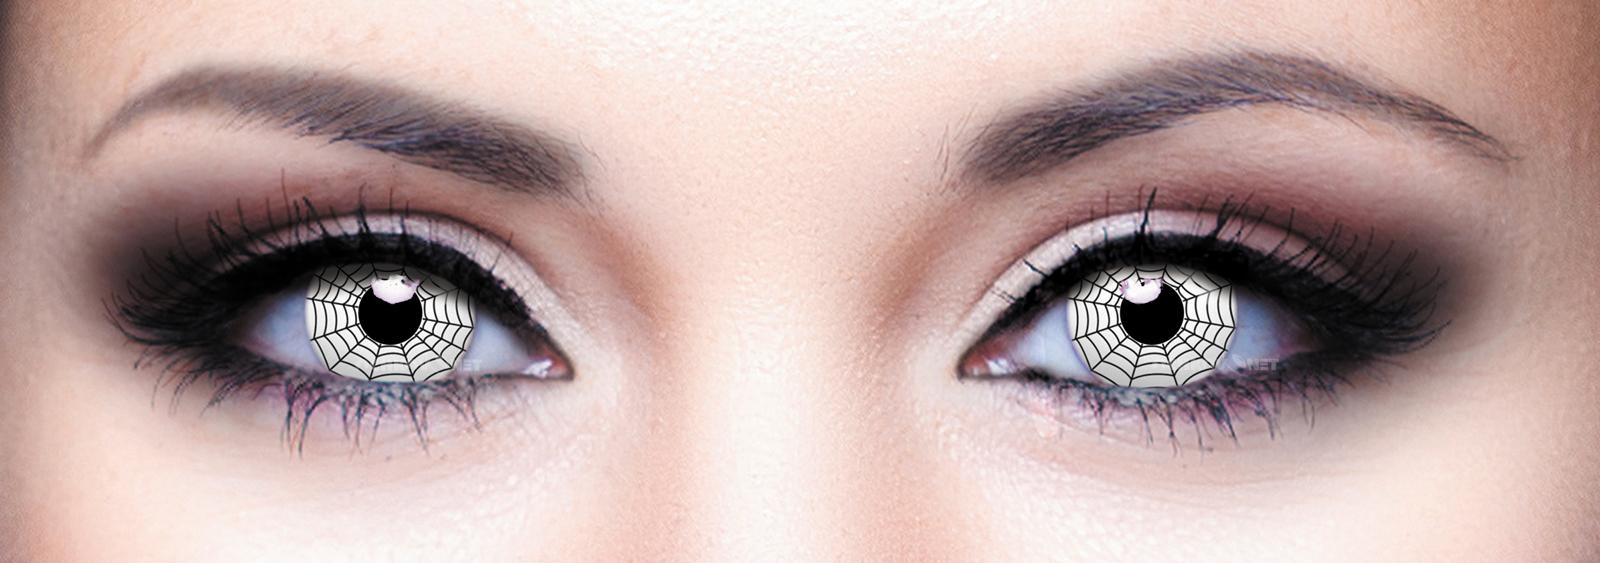 Контактные линзы Eye Free Colors Crazy Паутина-белая-056 2 линзы